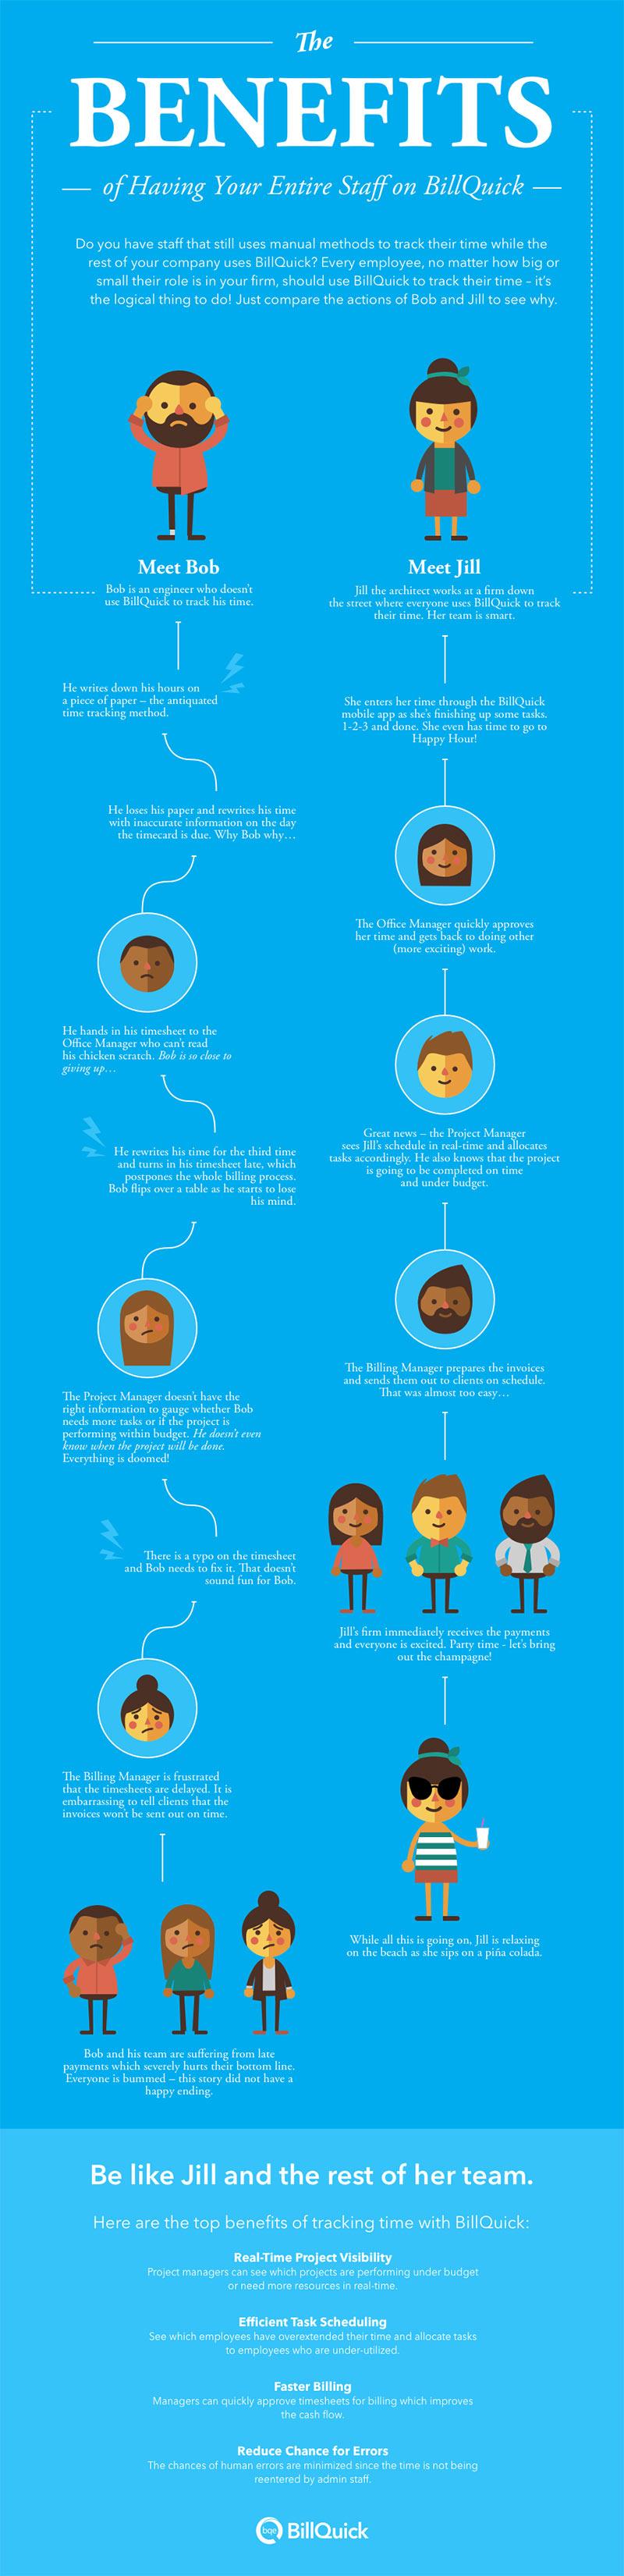 081_cob_benefits-infographic_0616